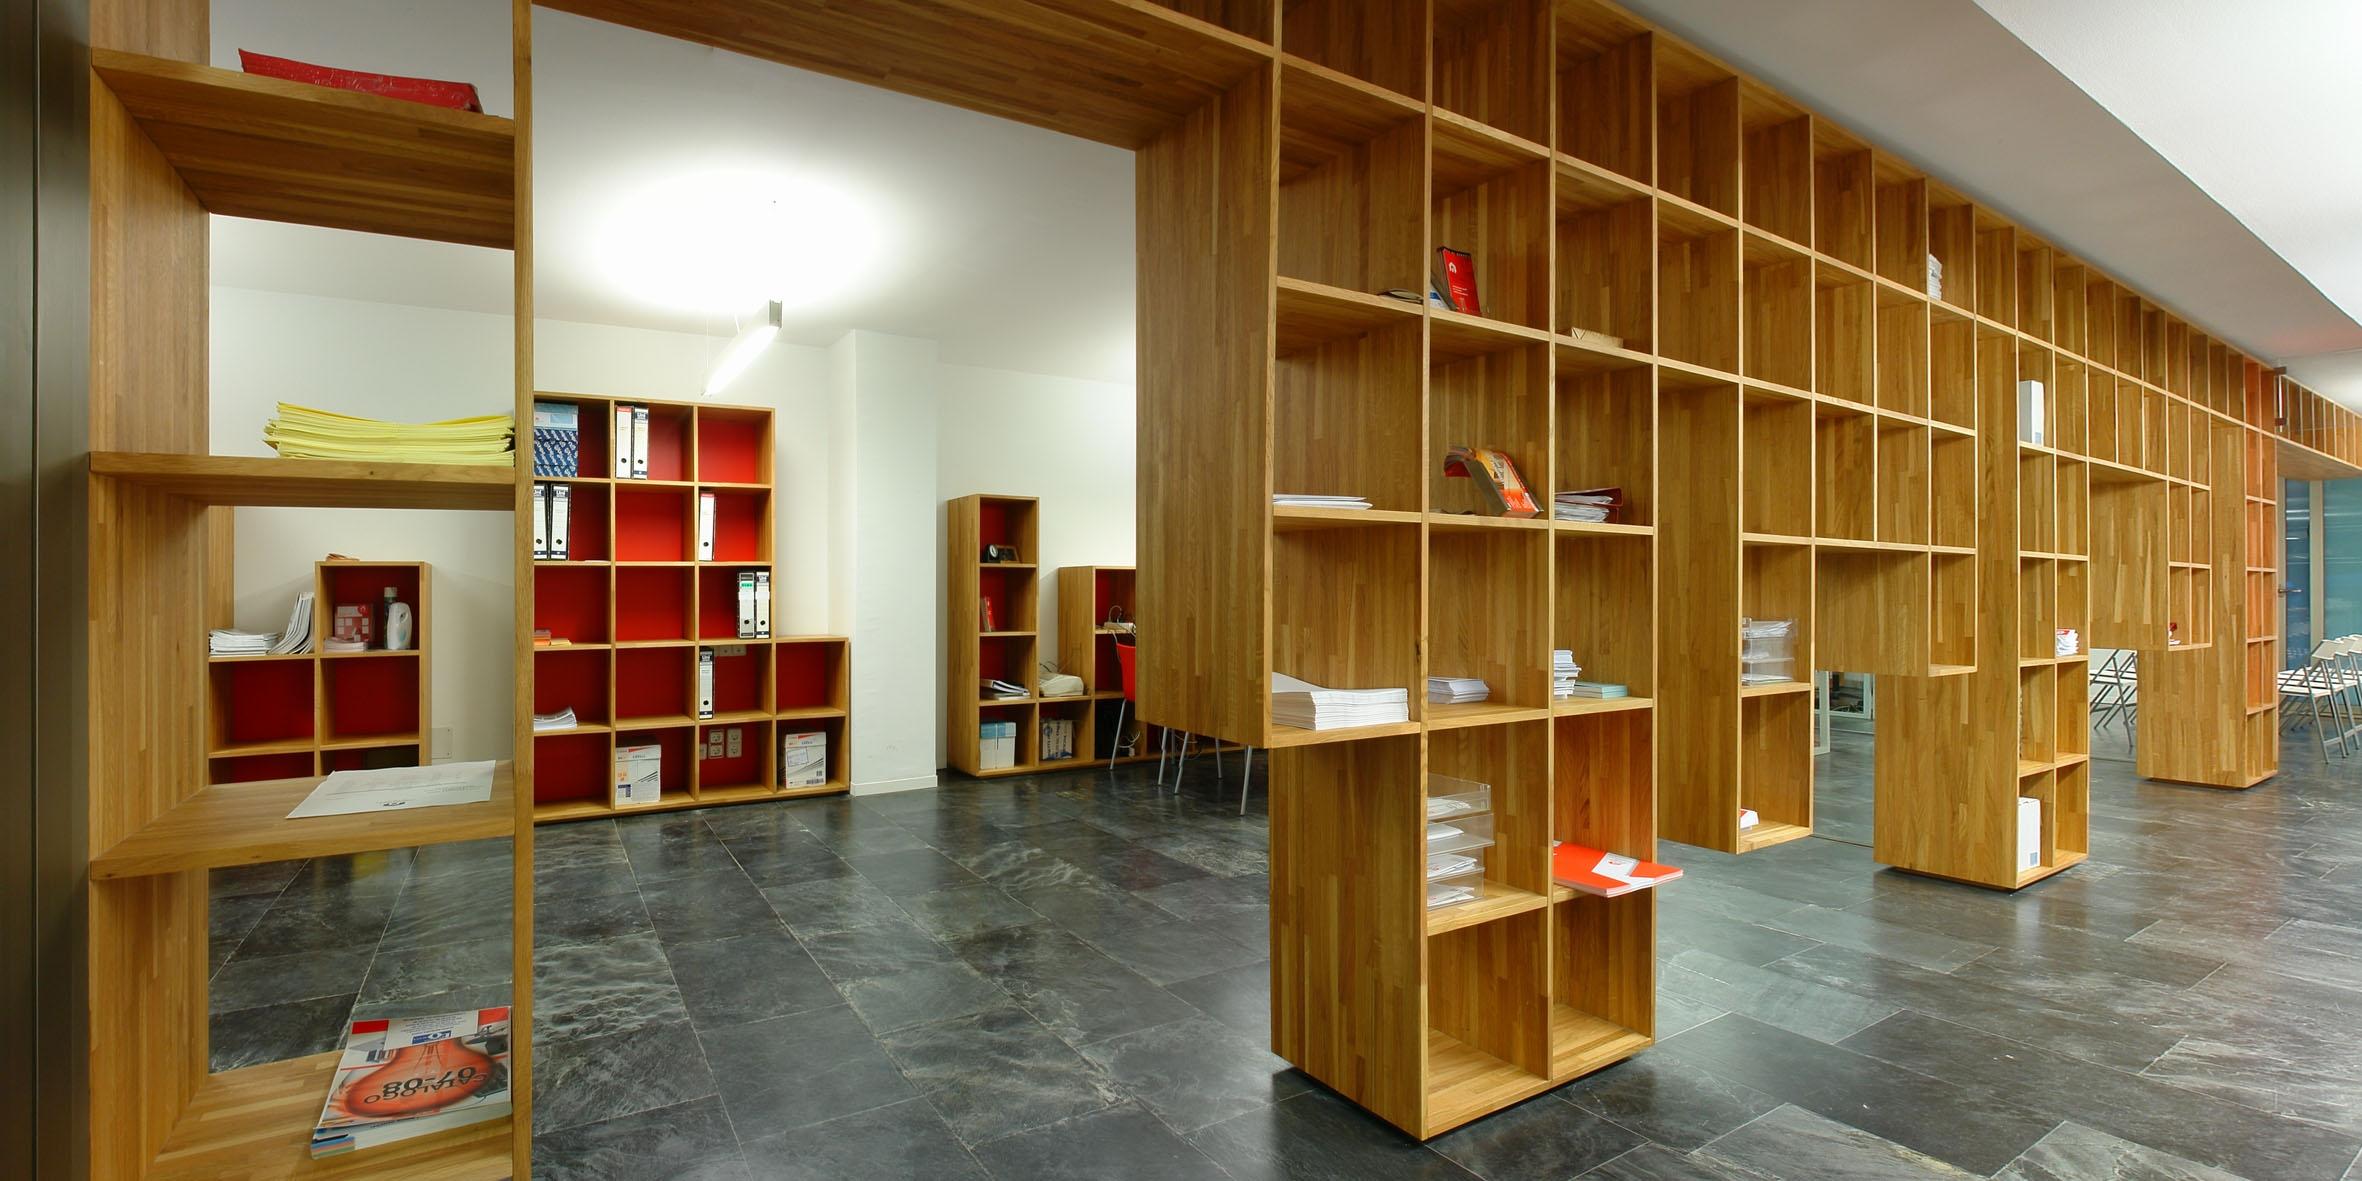 08 Interiors per la Cambra de la Propietat Urbana de Sant Feliu de Guíxols